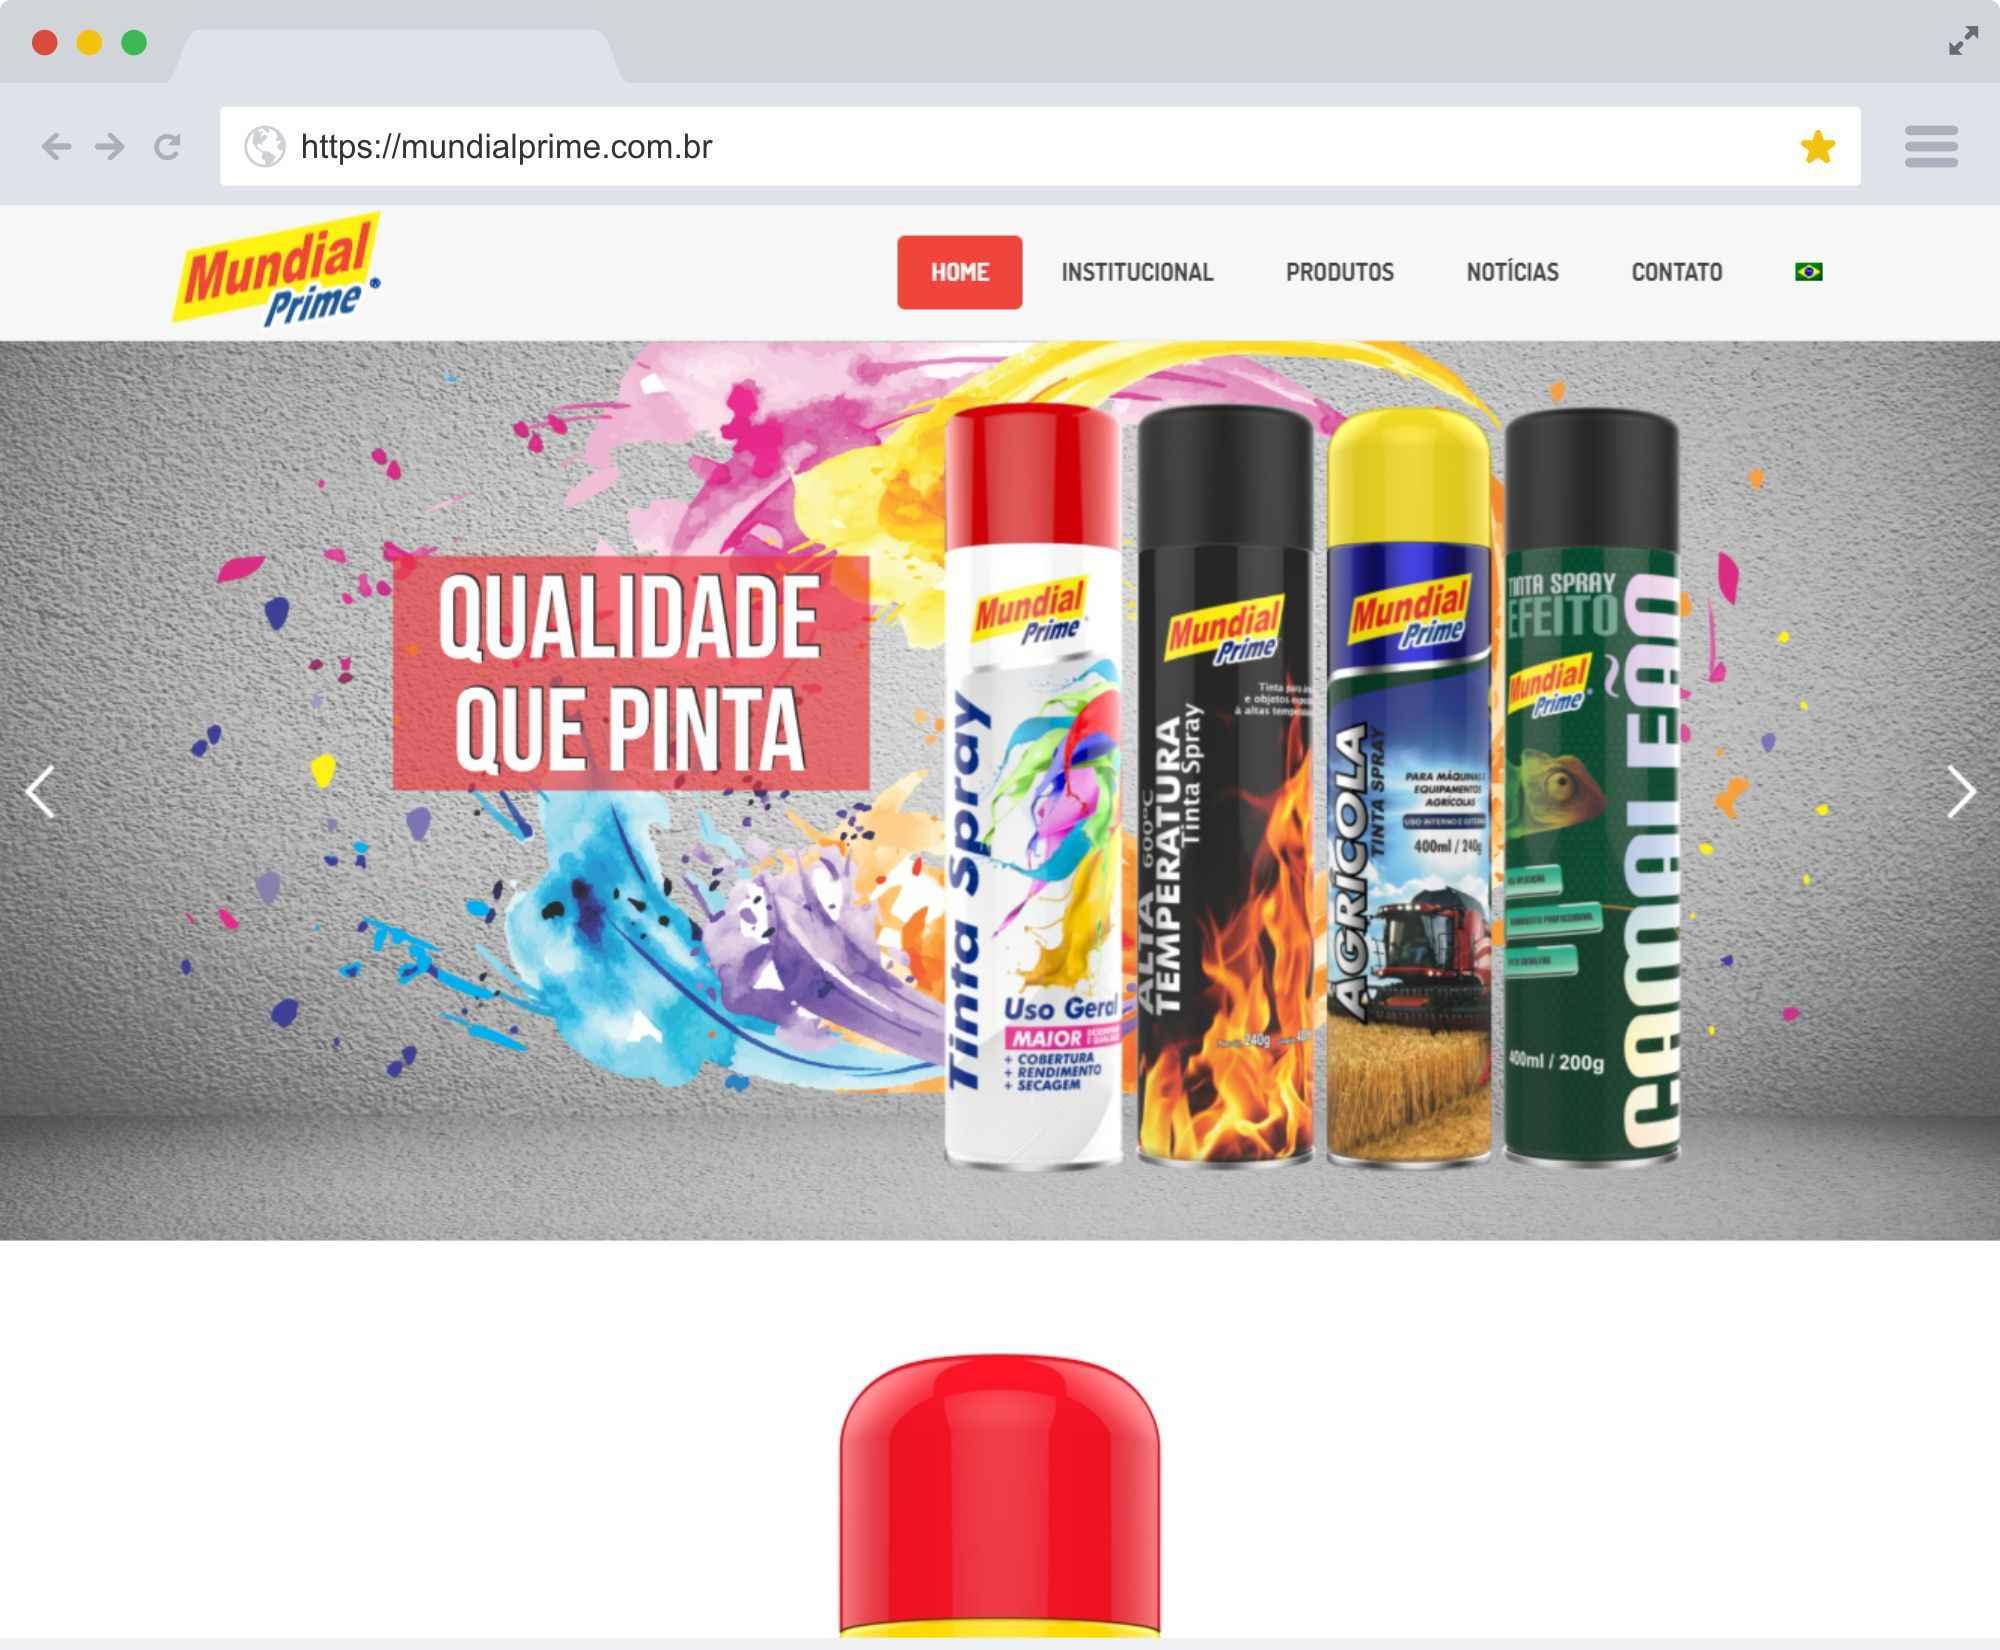 mundialprime.com.br